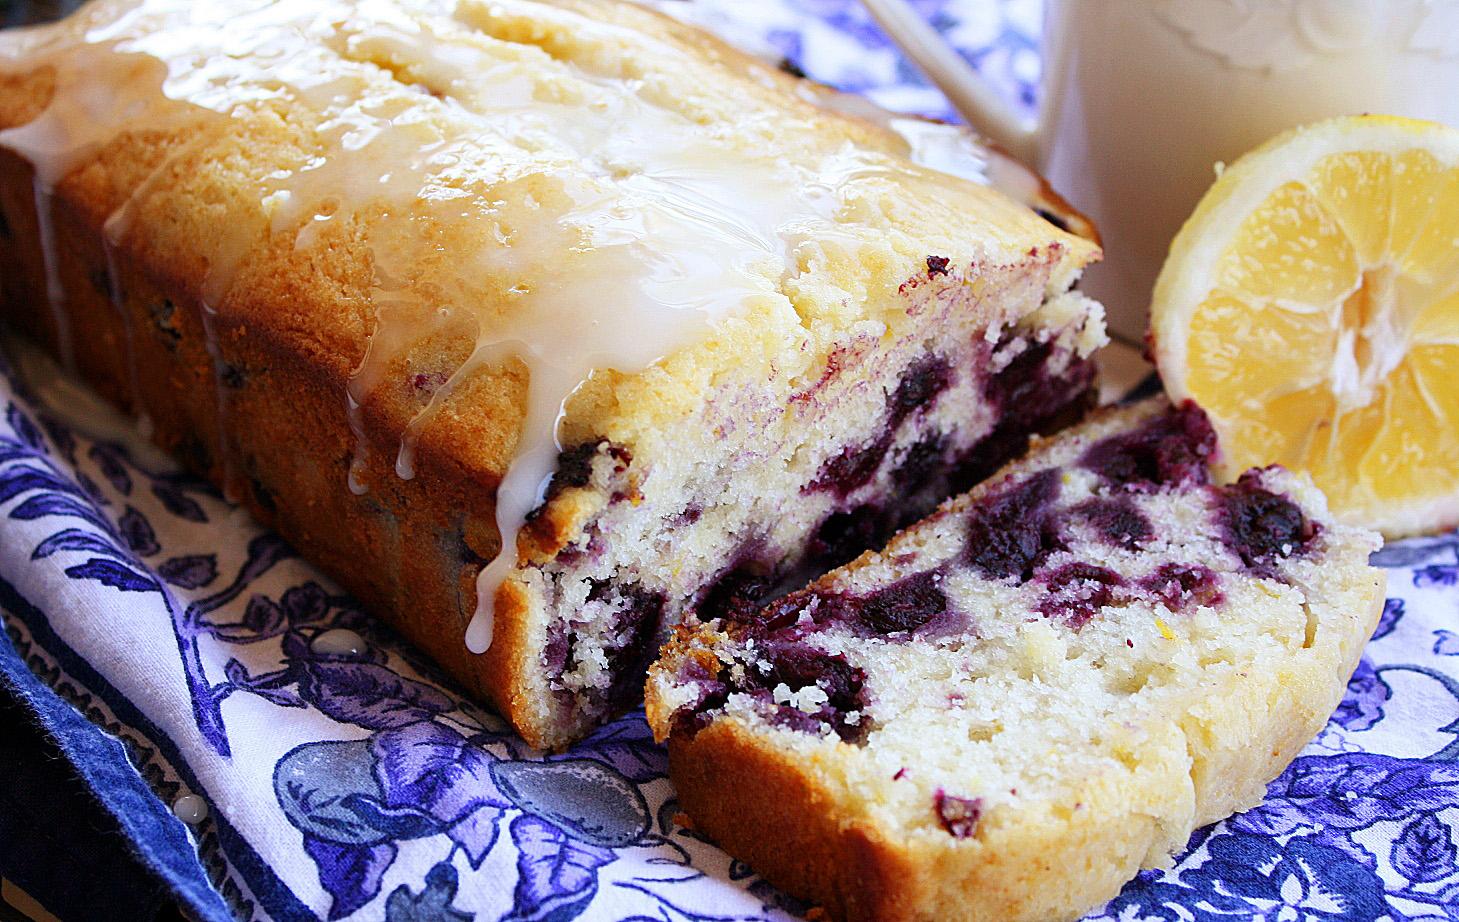 Jessica S Lemon Cake